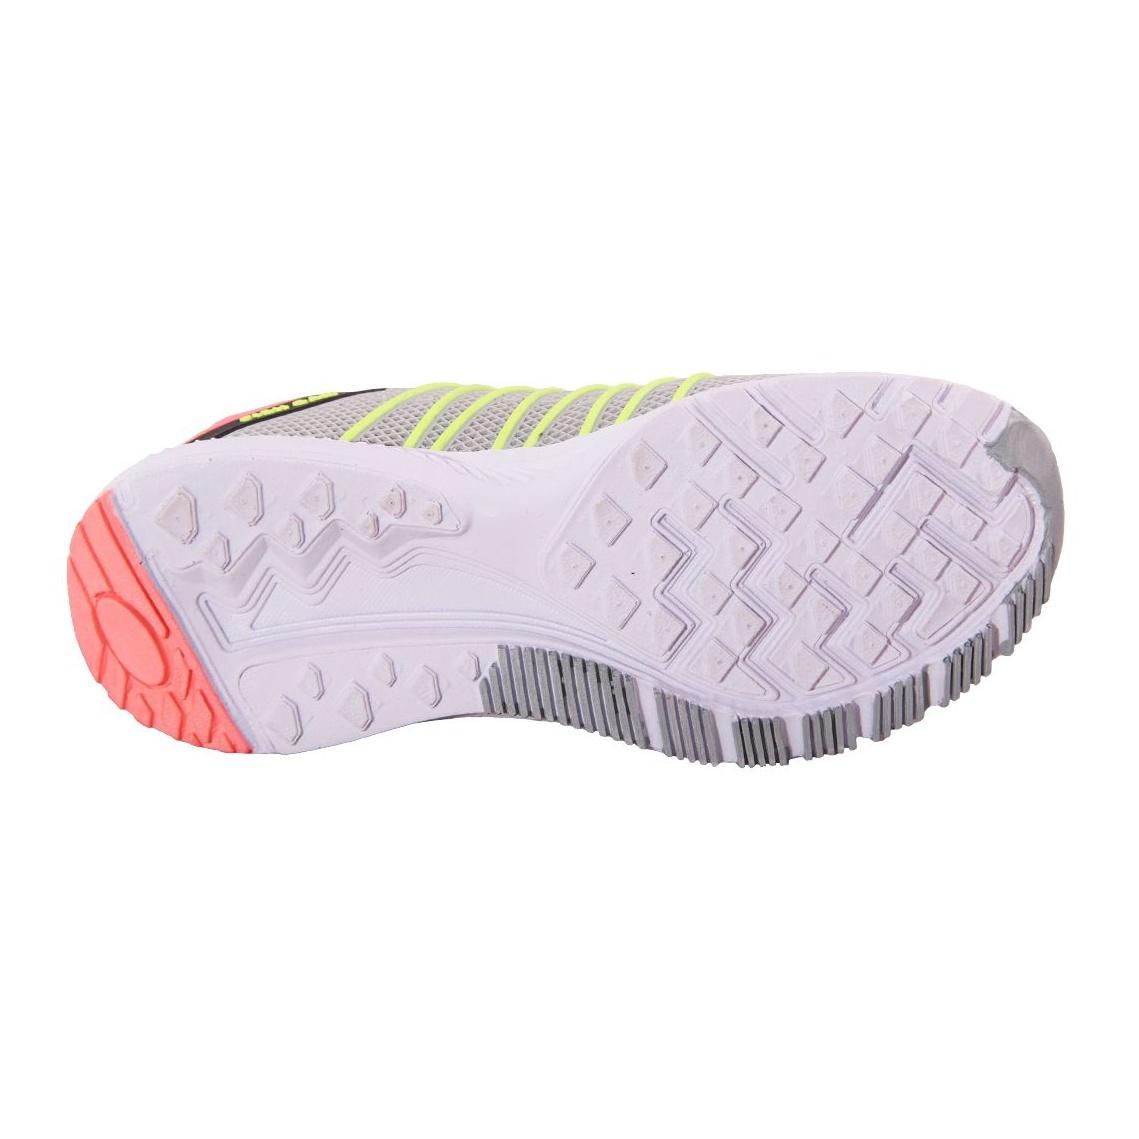 کفش مخصوص پیاده روی زنانه کد 51-1396141